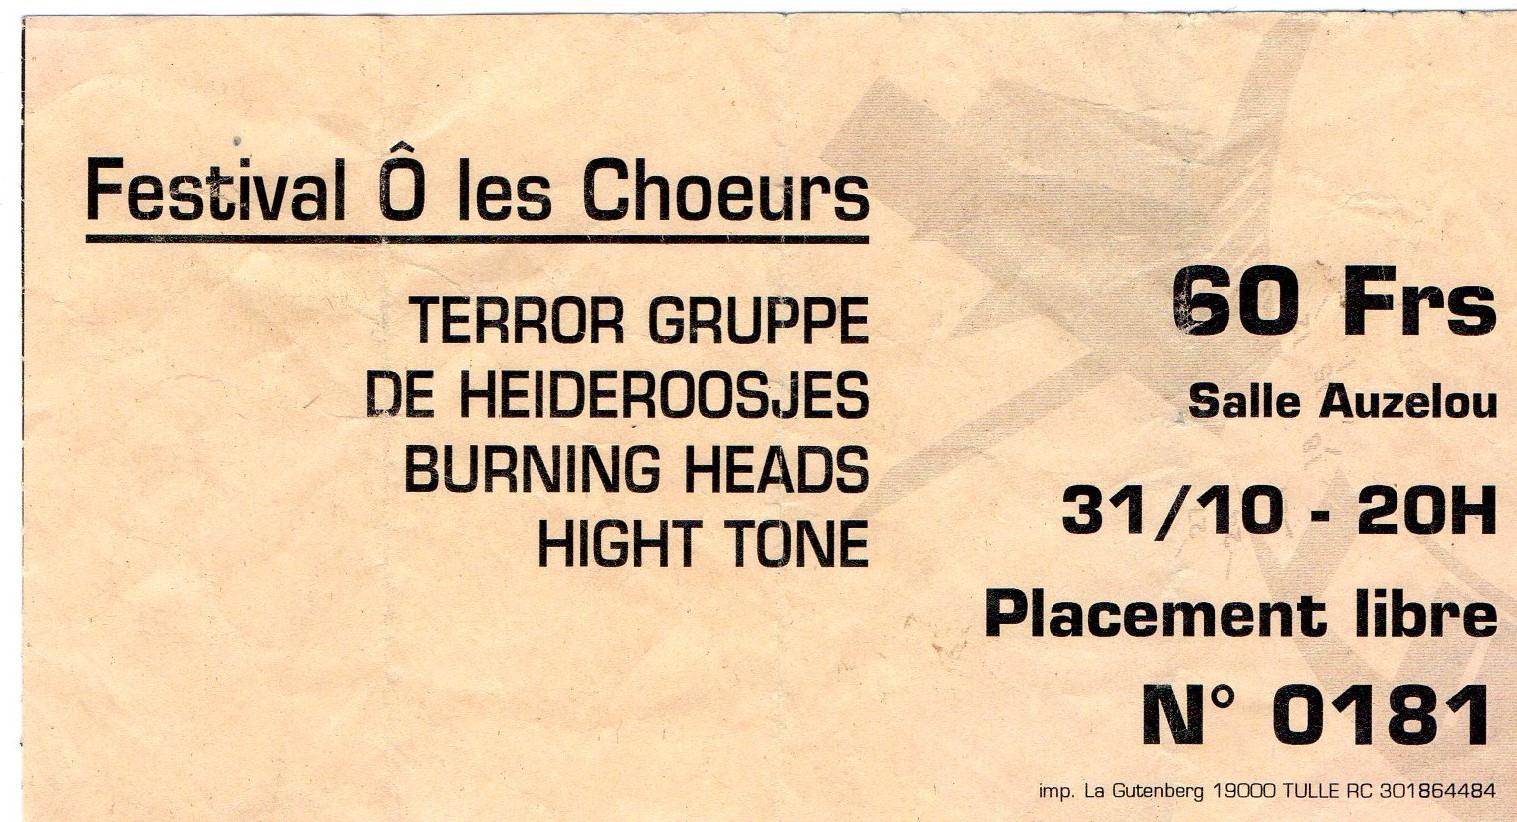 """31 Octobre 2000 Terror Gruppe, De Hederoosjes, Burning Heads, High Tone à Tulle """"Salle Auzelou"""""""